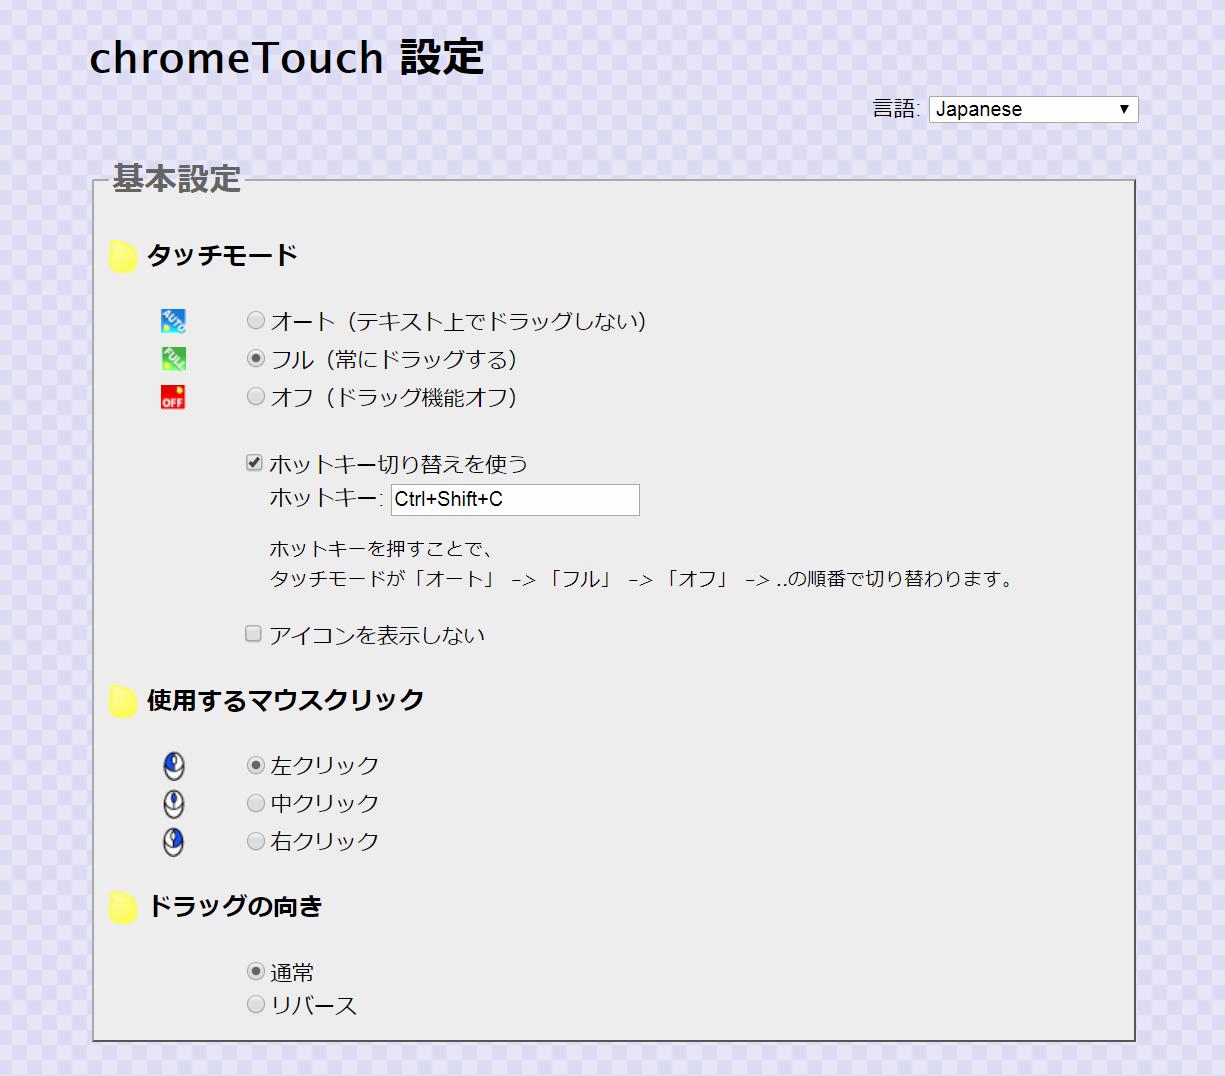 日本語化されているchromeTouchの設定画面